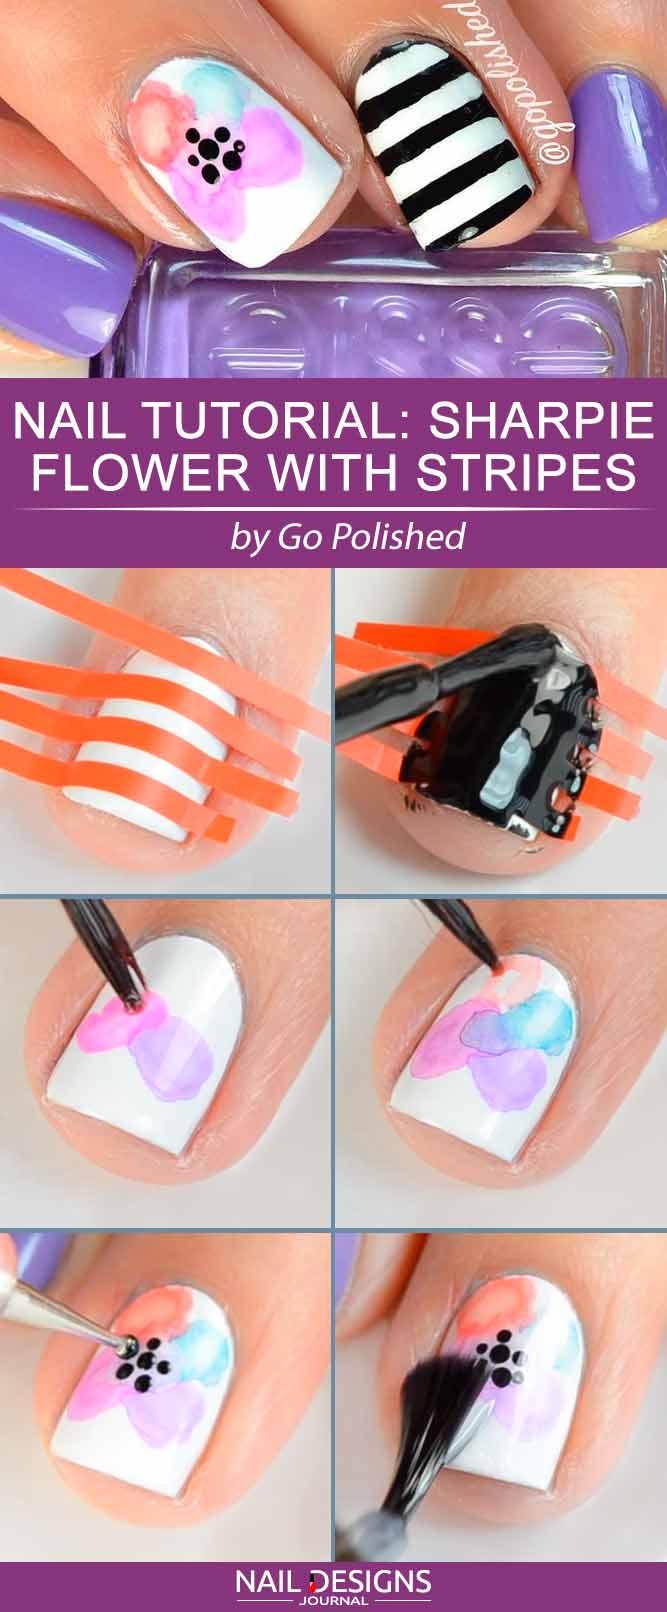 Nail Tutorial Süße Sharpie Blume mit Streifen